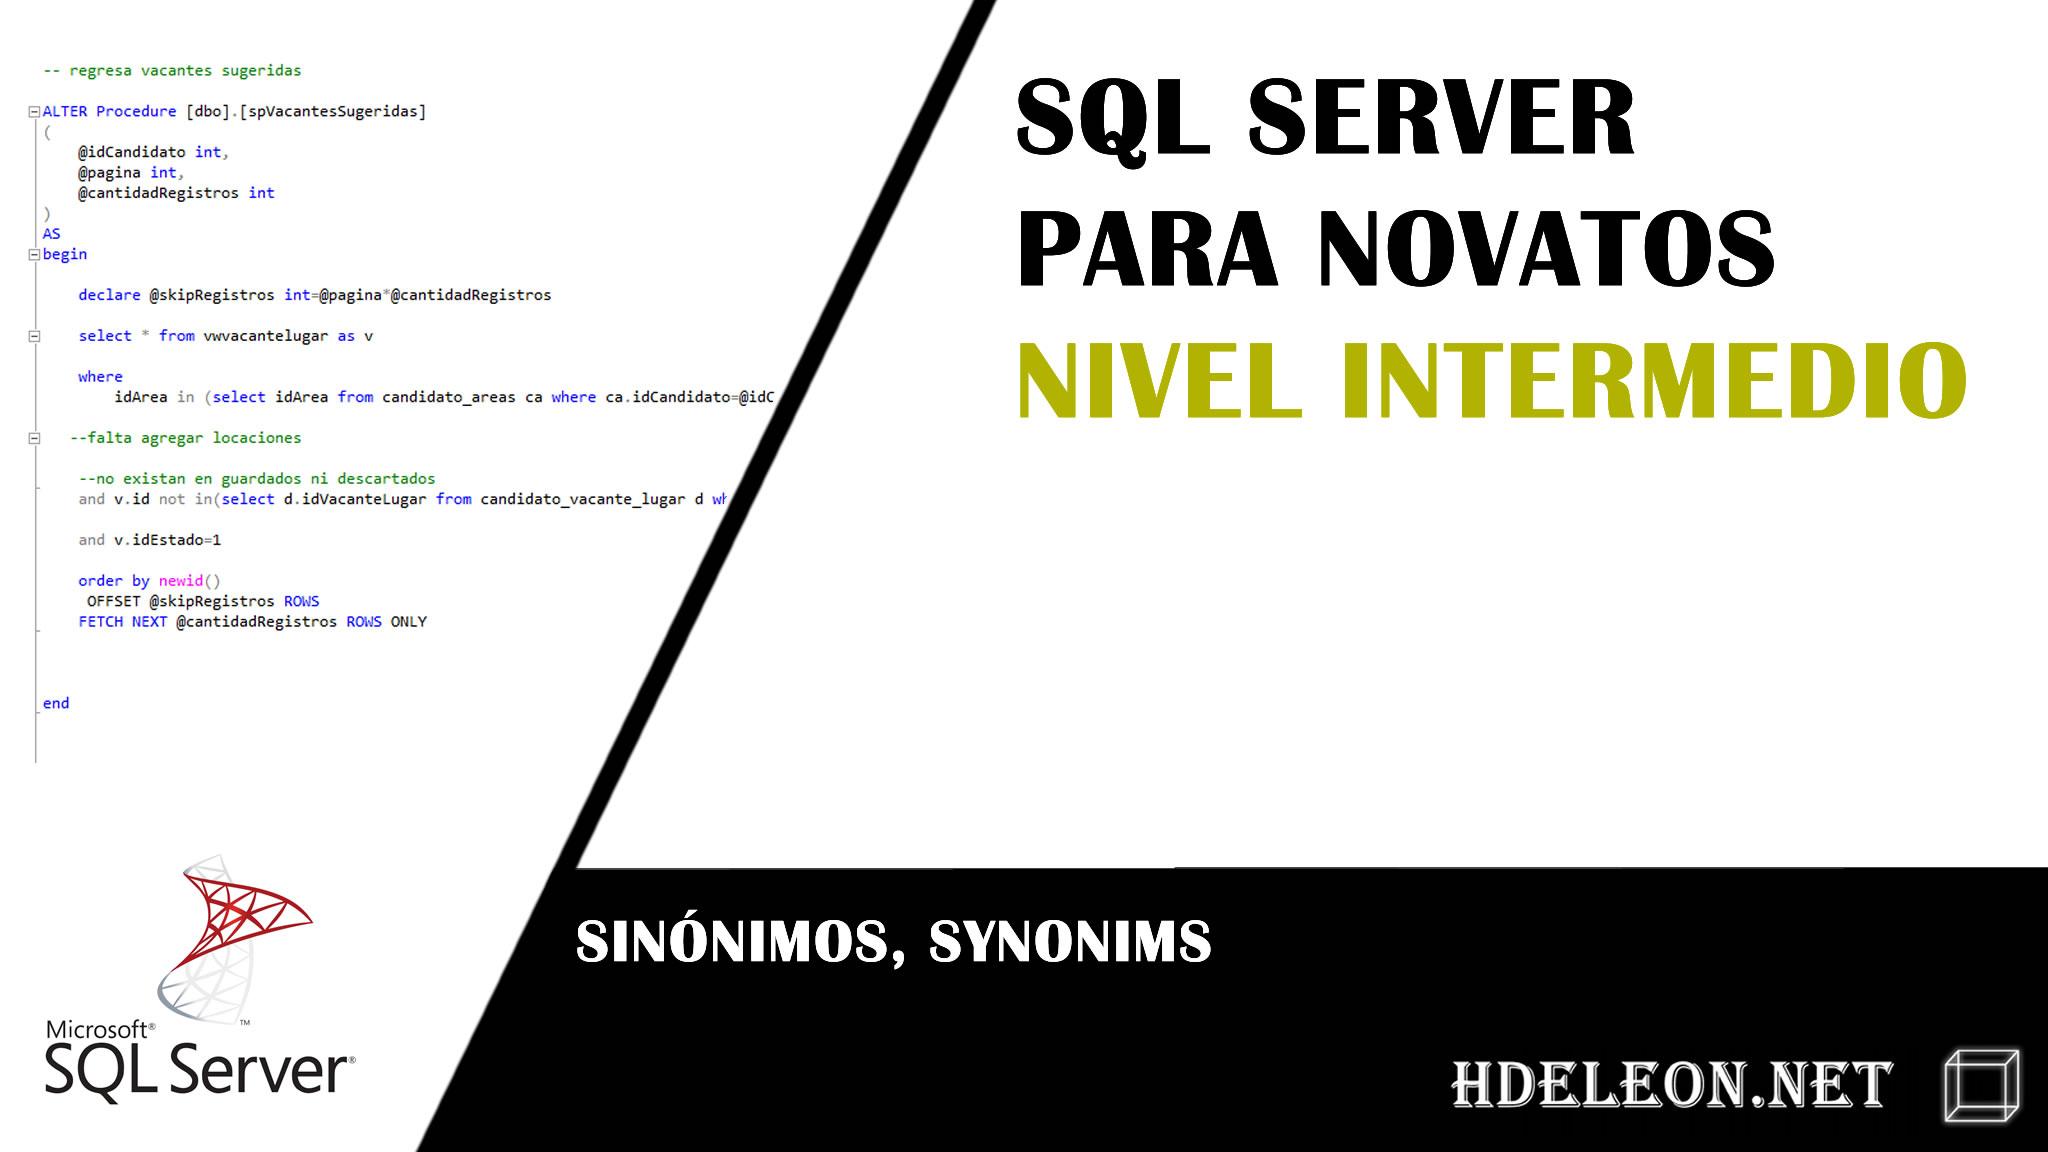 Curso gratuito de Sql Server nivel Intermedio, sinónimos, synonyms #1